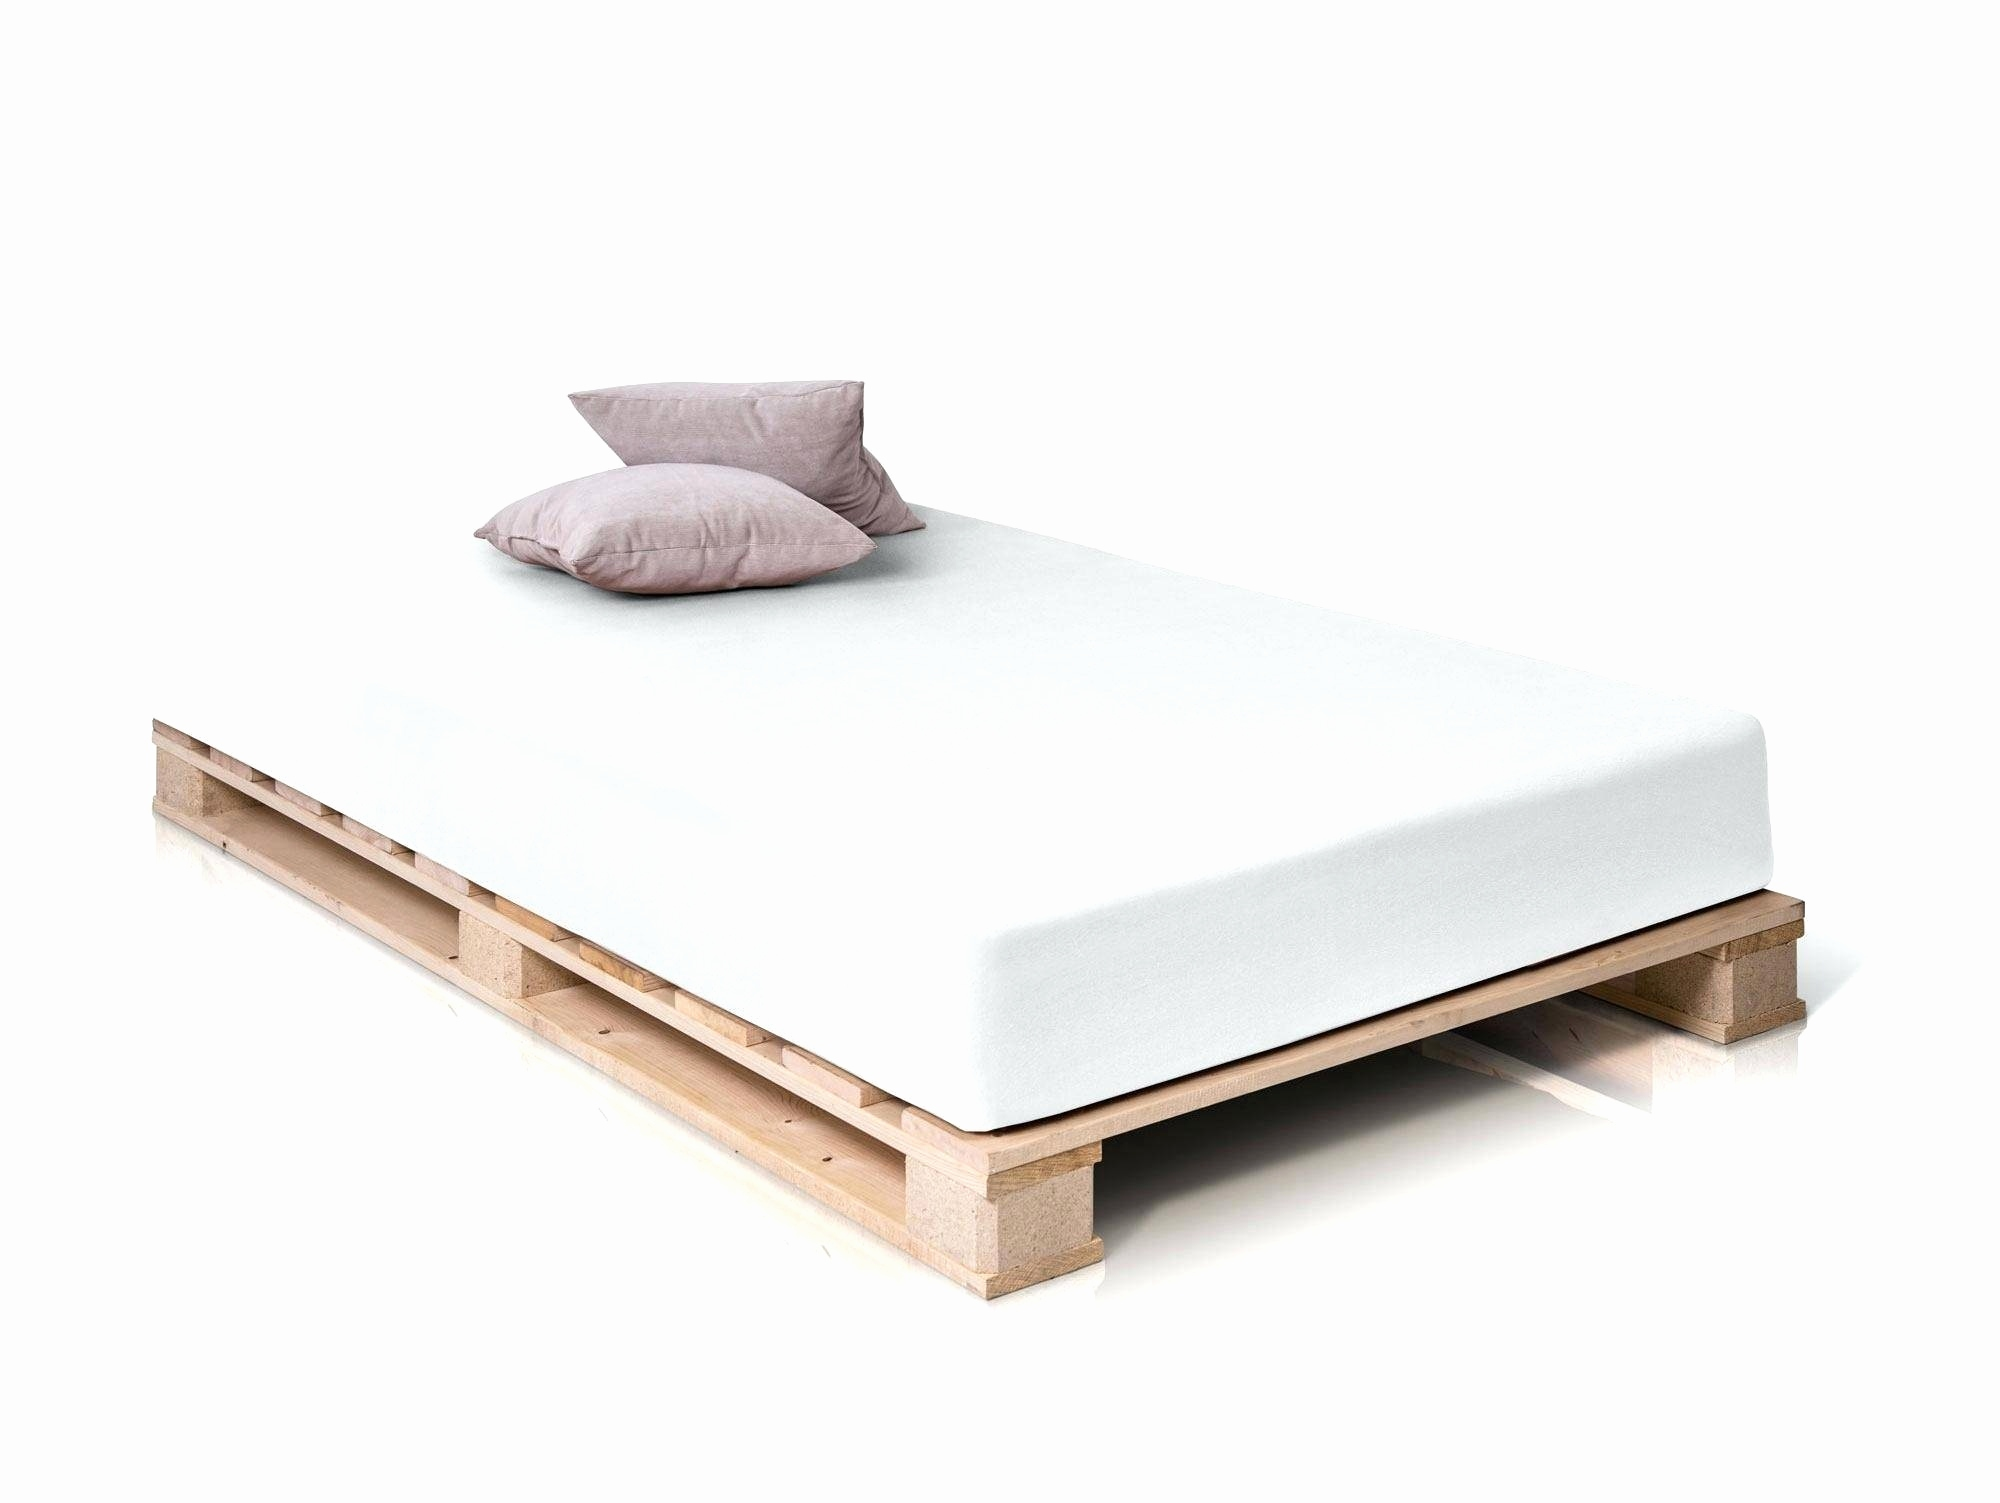 Full Size of Bett 120200 Ikea Genial Boxspring 90200 Unique Betten Mit Stauraum 200x220 160x200 140x200 Weiß Japanische Designer Schubladen Ohne Kopfteil Tagesdecken Für Bett Betten Bei Ikea